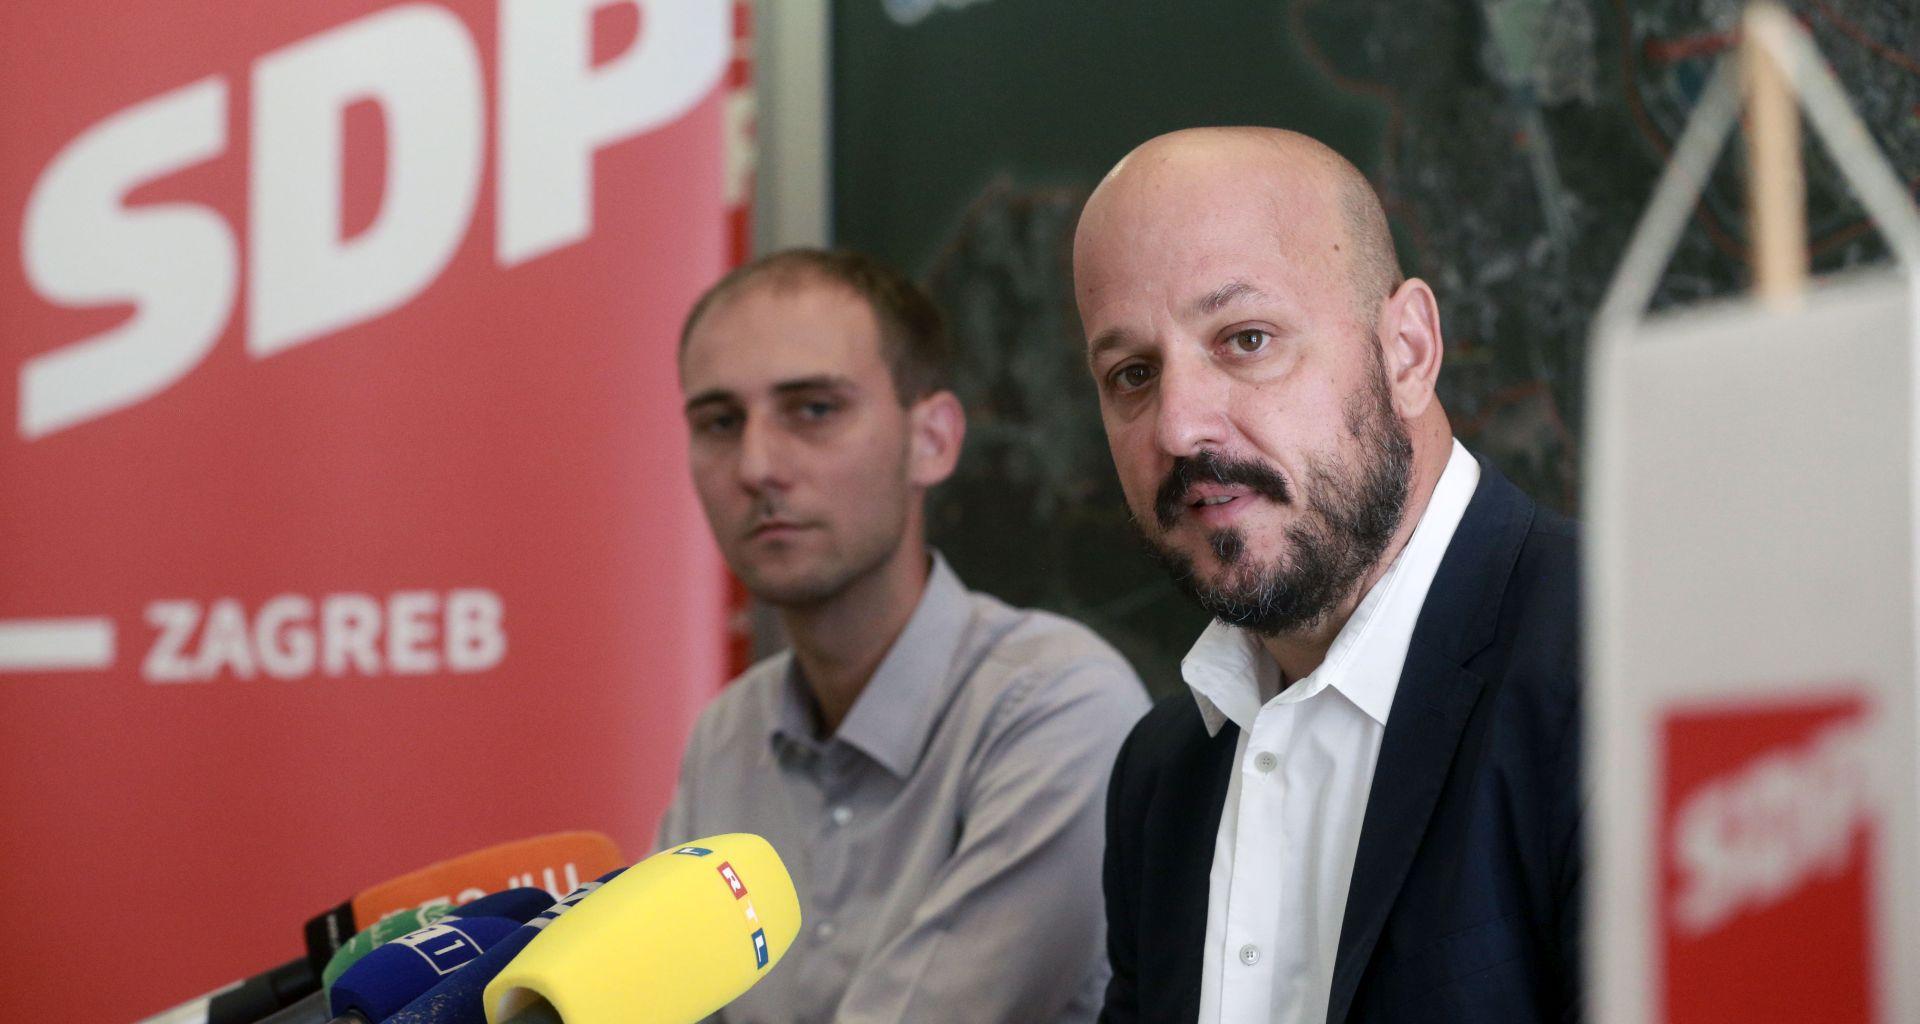 Zagrebački SDP protiv izgradnje nacionalnog stadiona